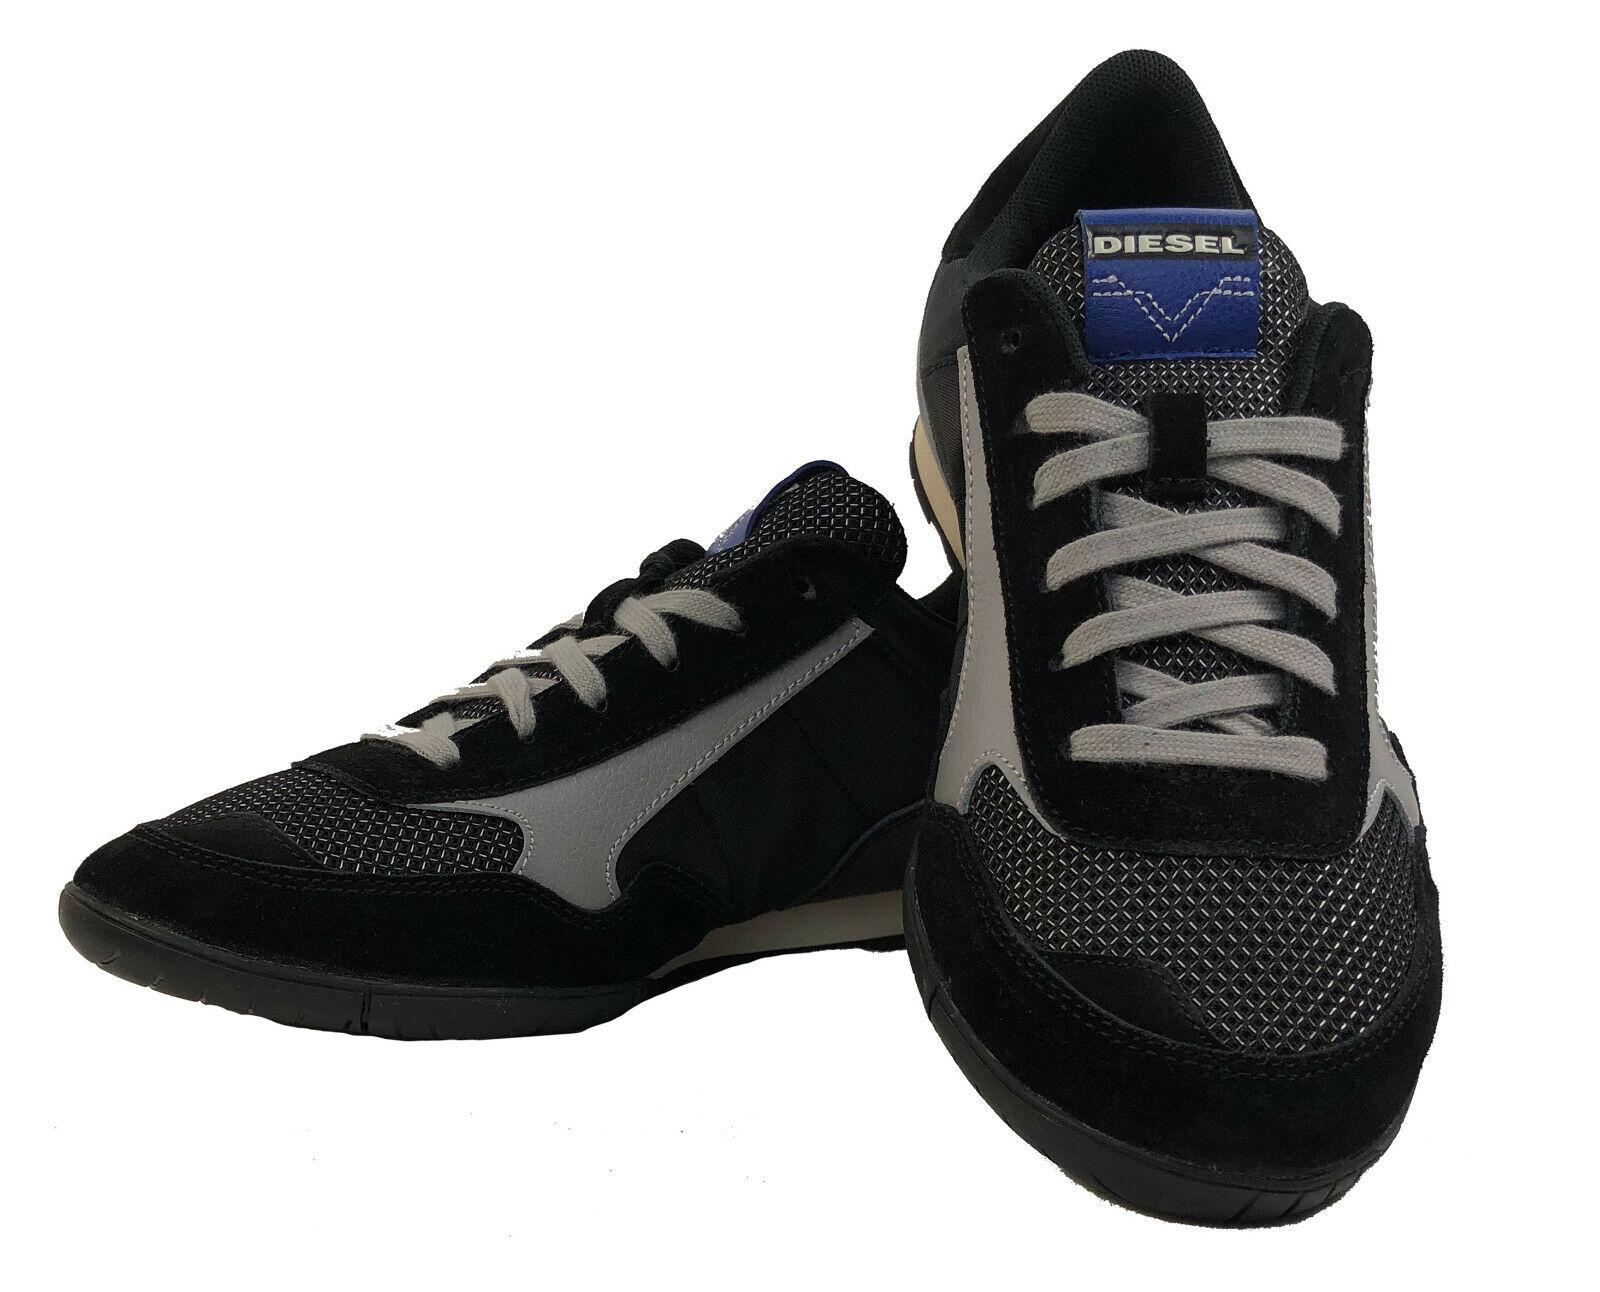 DIESEL Herren Turnschuhe Schuhe    S-TOCLAW  schwarz grau Größe EUR 45 - USA 12  5e8c74